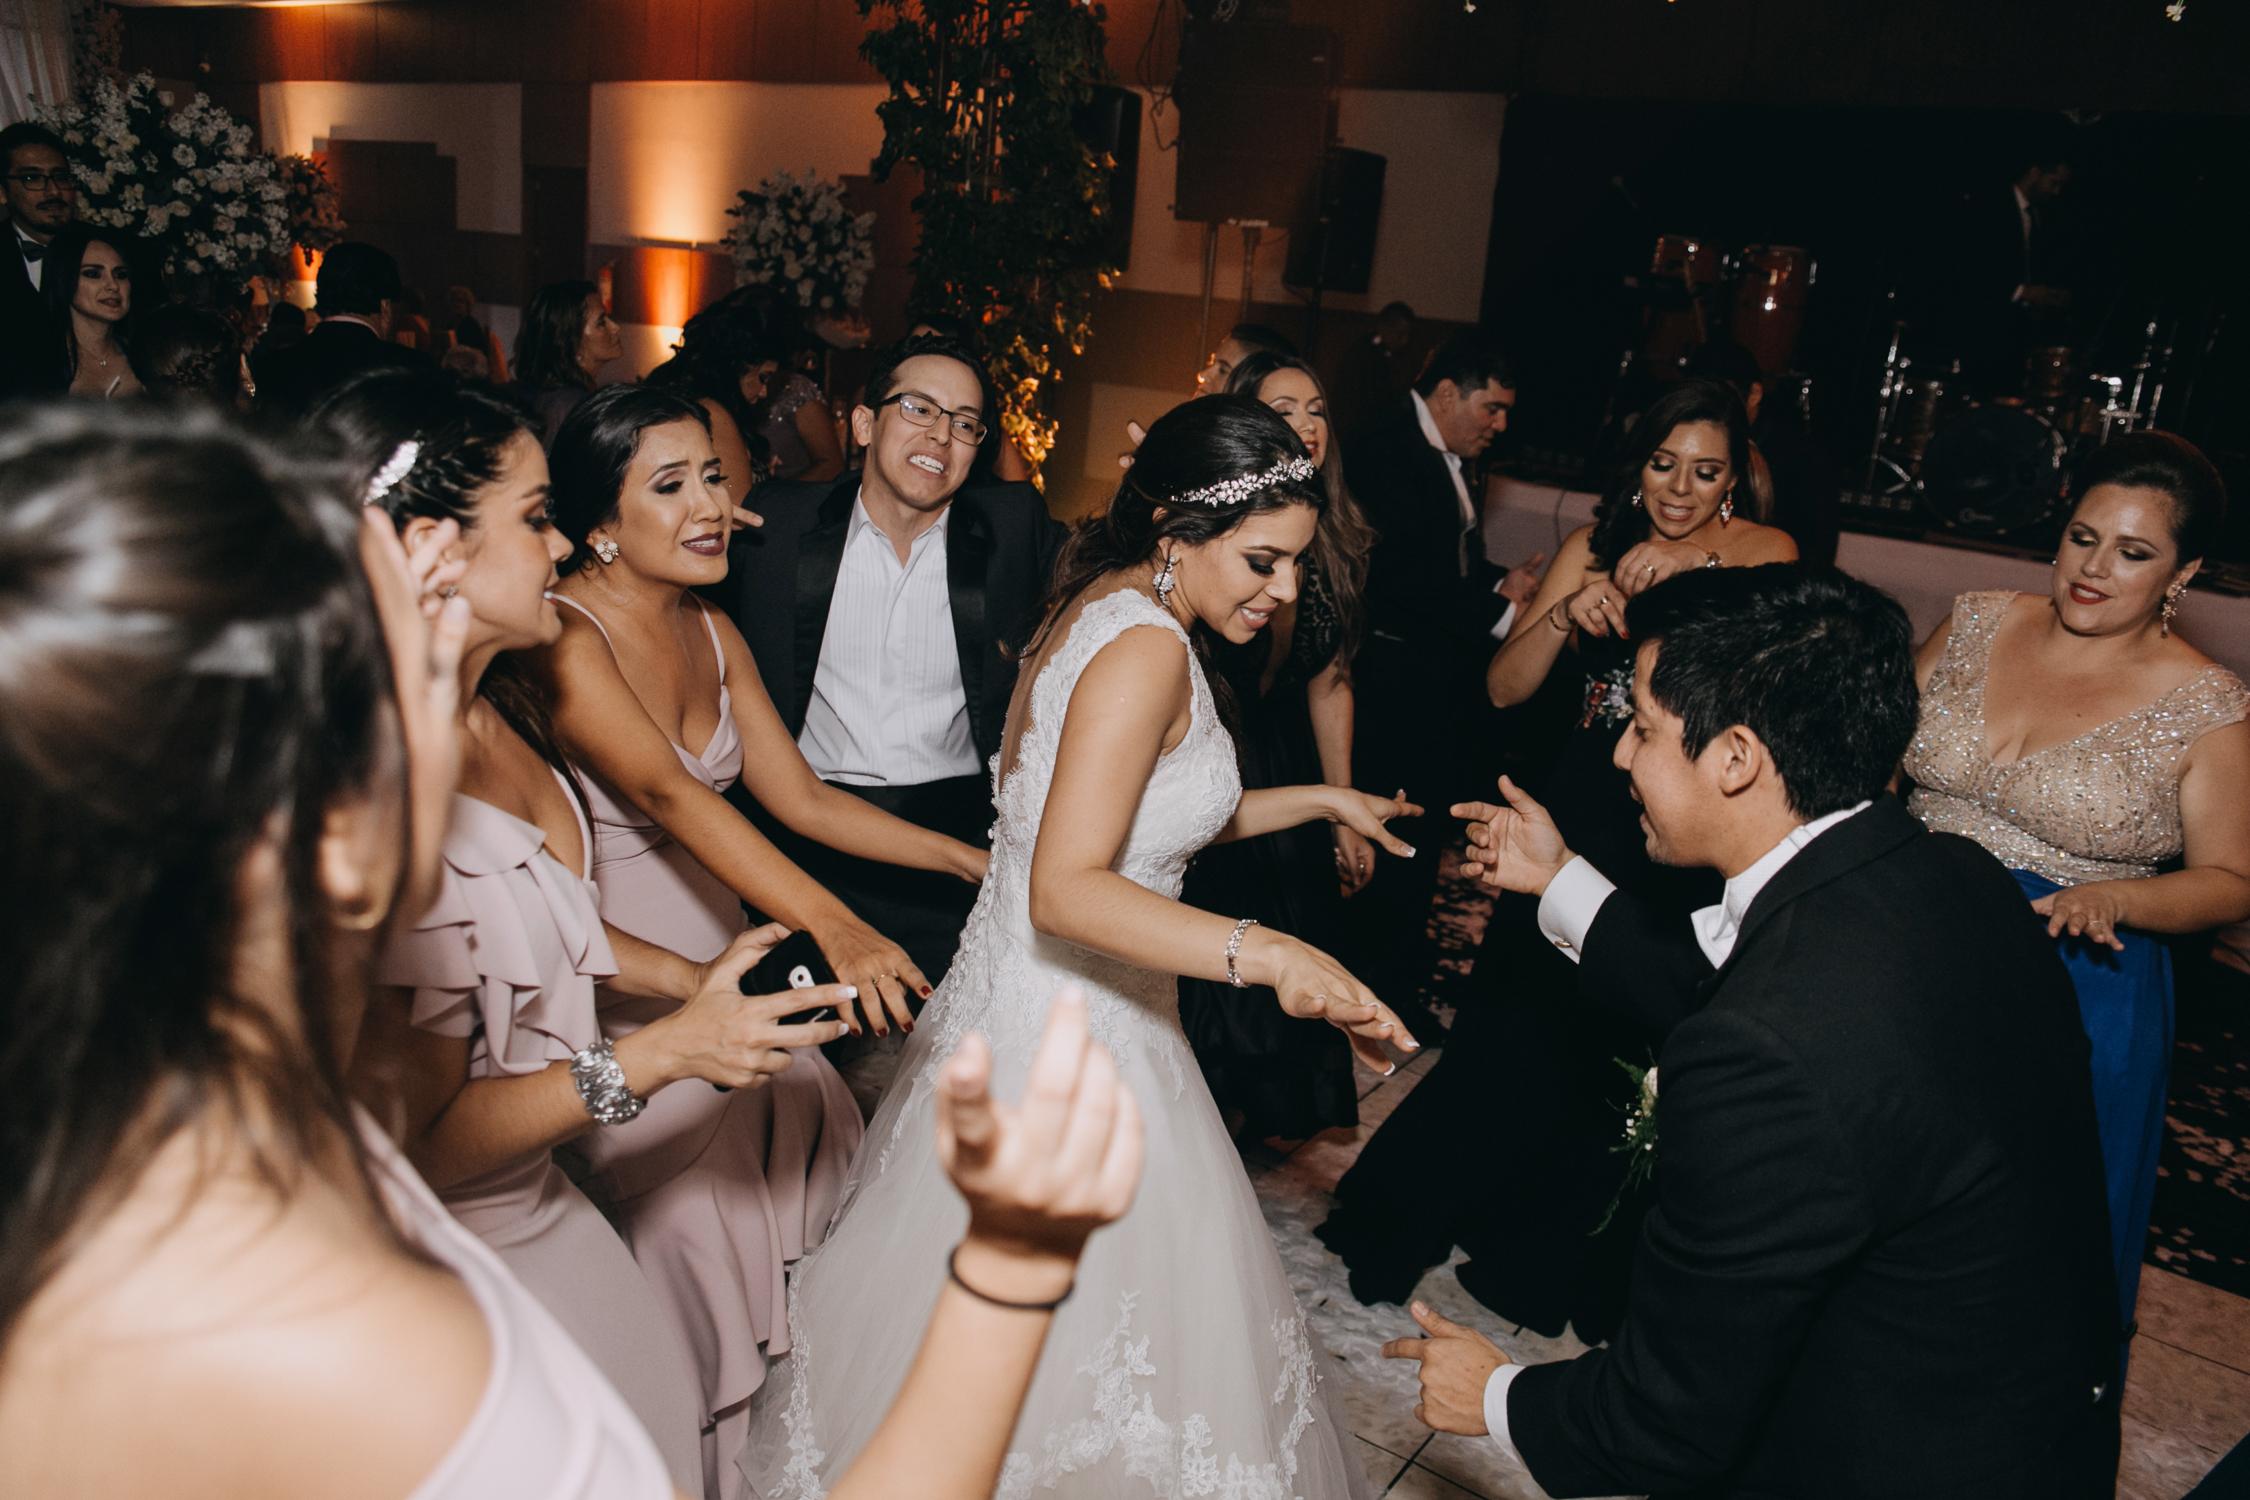 Michelle-Agurto-Fotografia-Bodas-Ecuador-Destination-Wedding-Photographer-Patricia-Guido-283.JPG